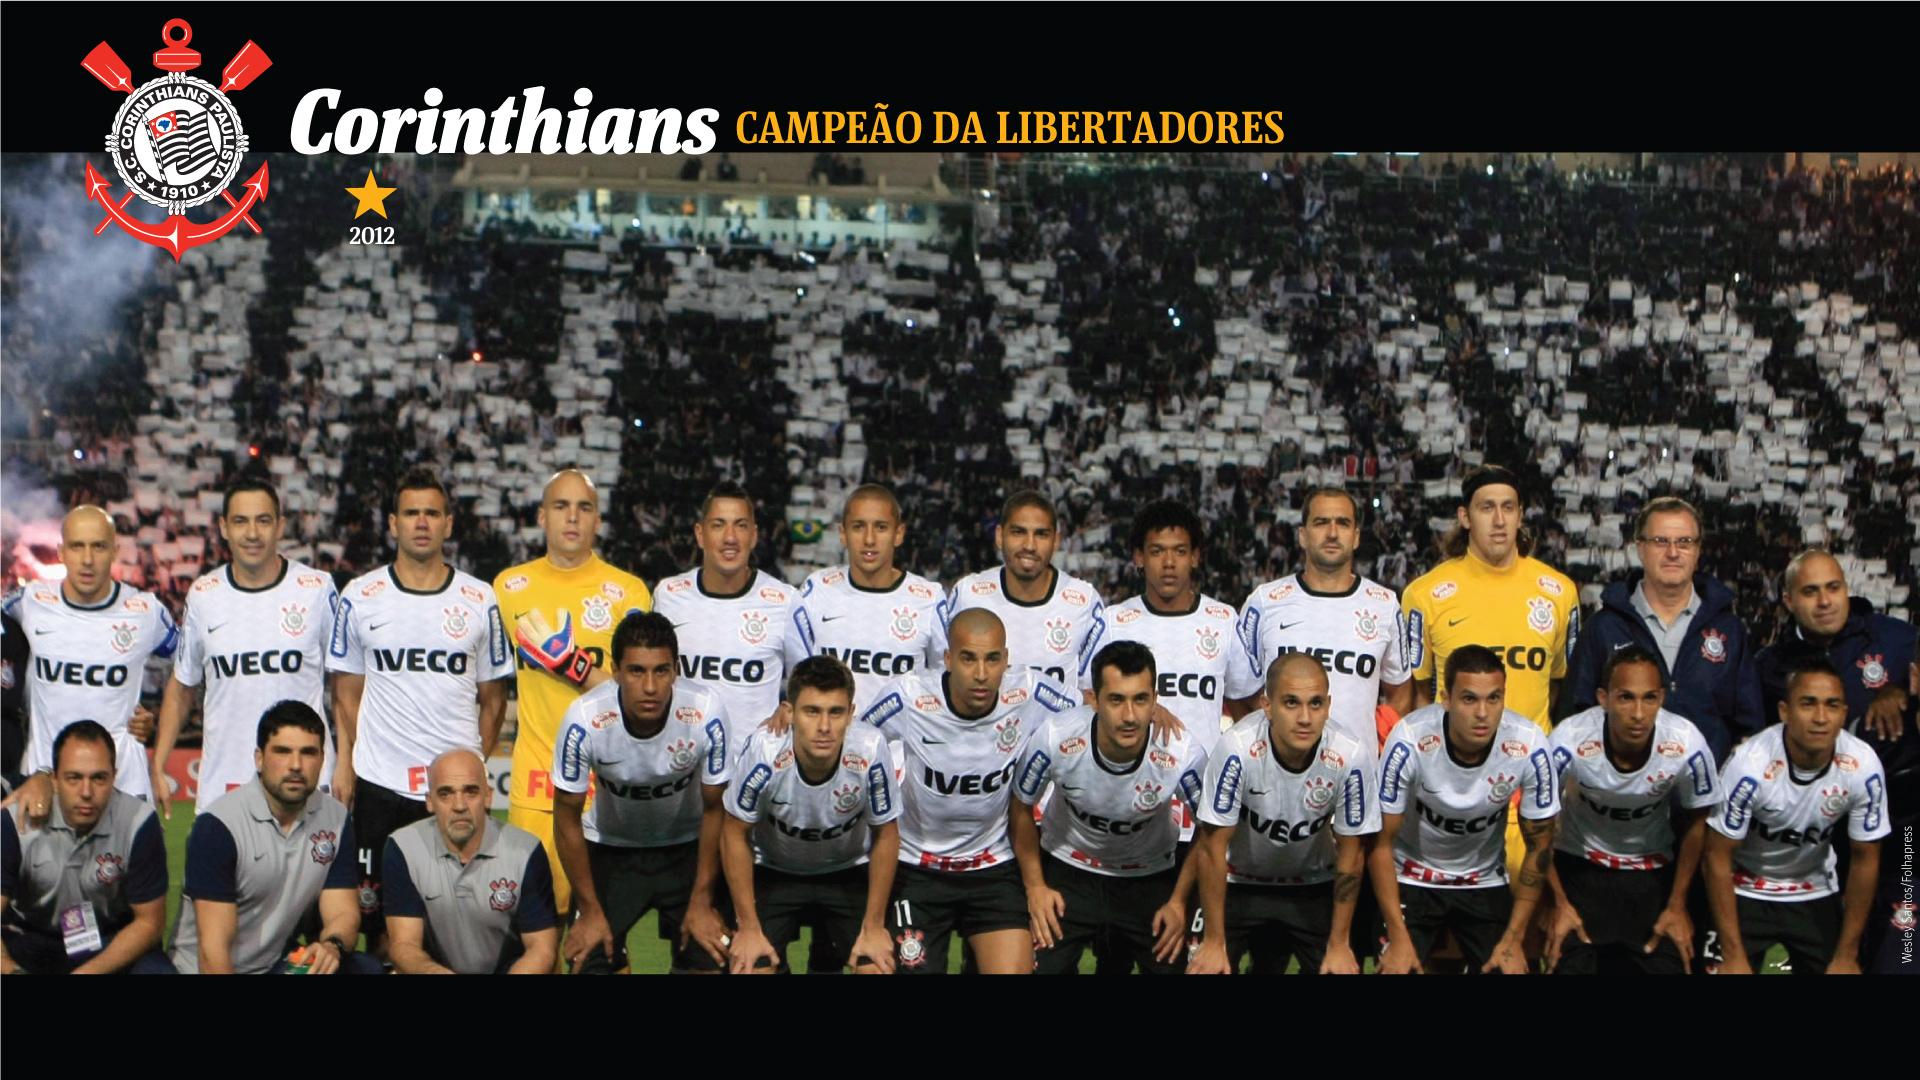 Wallpaper Corinthians Campeão da Libertadores 2012 - 11